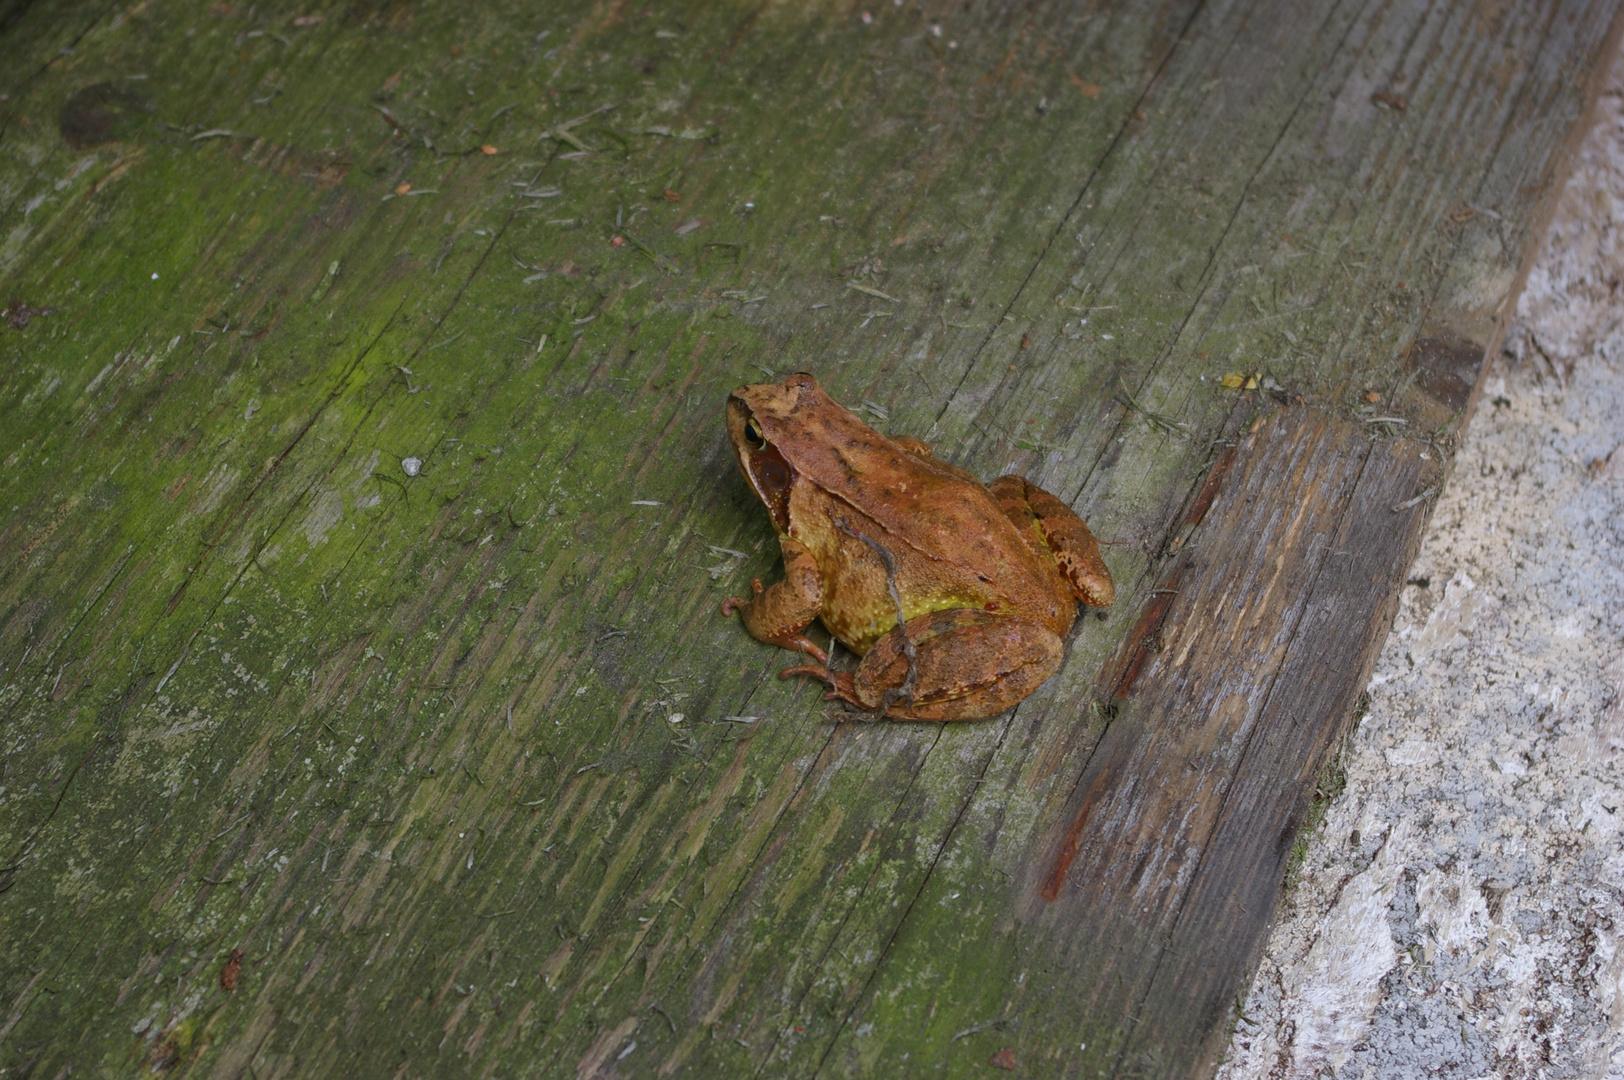 Einfach ein Frosch